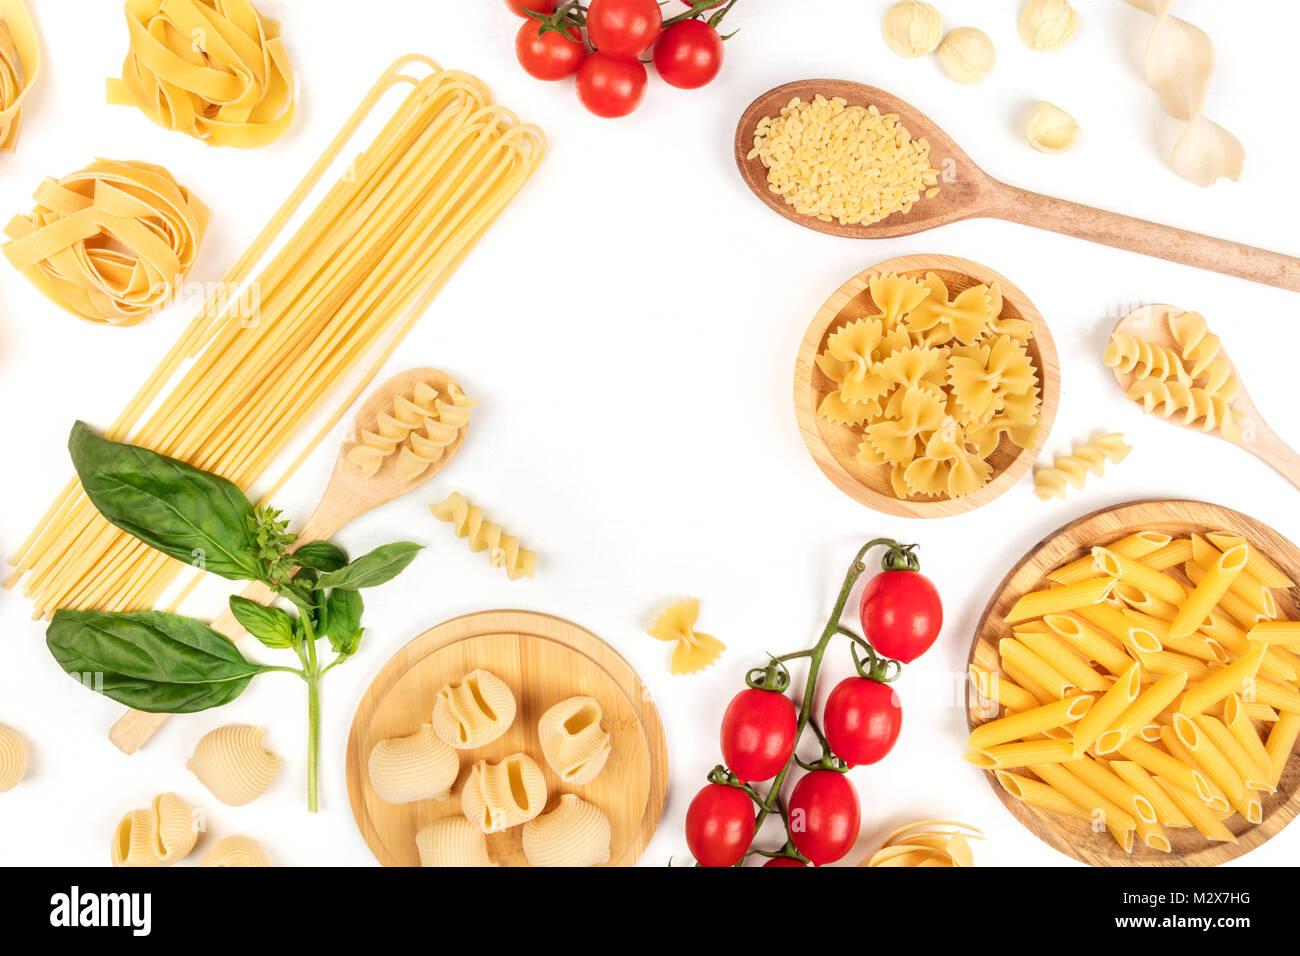 Overhead Foto von verschiedenen Arten von Pasta auf Weiß, bilden Rahmen Stockbild